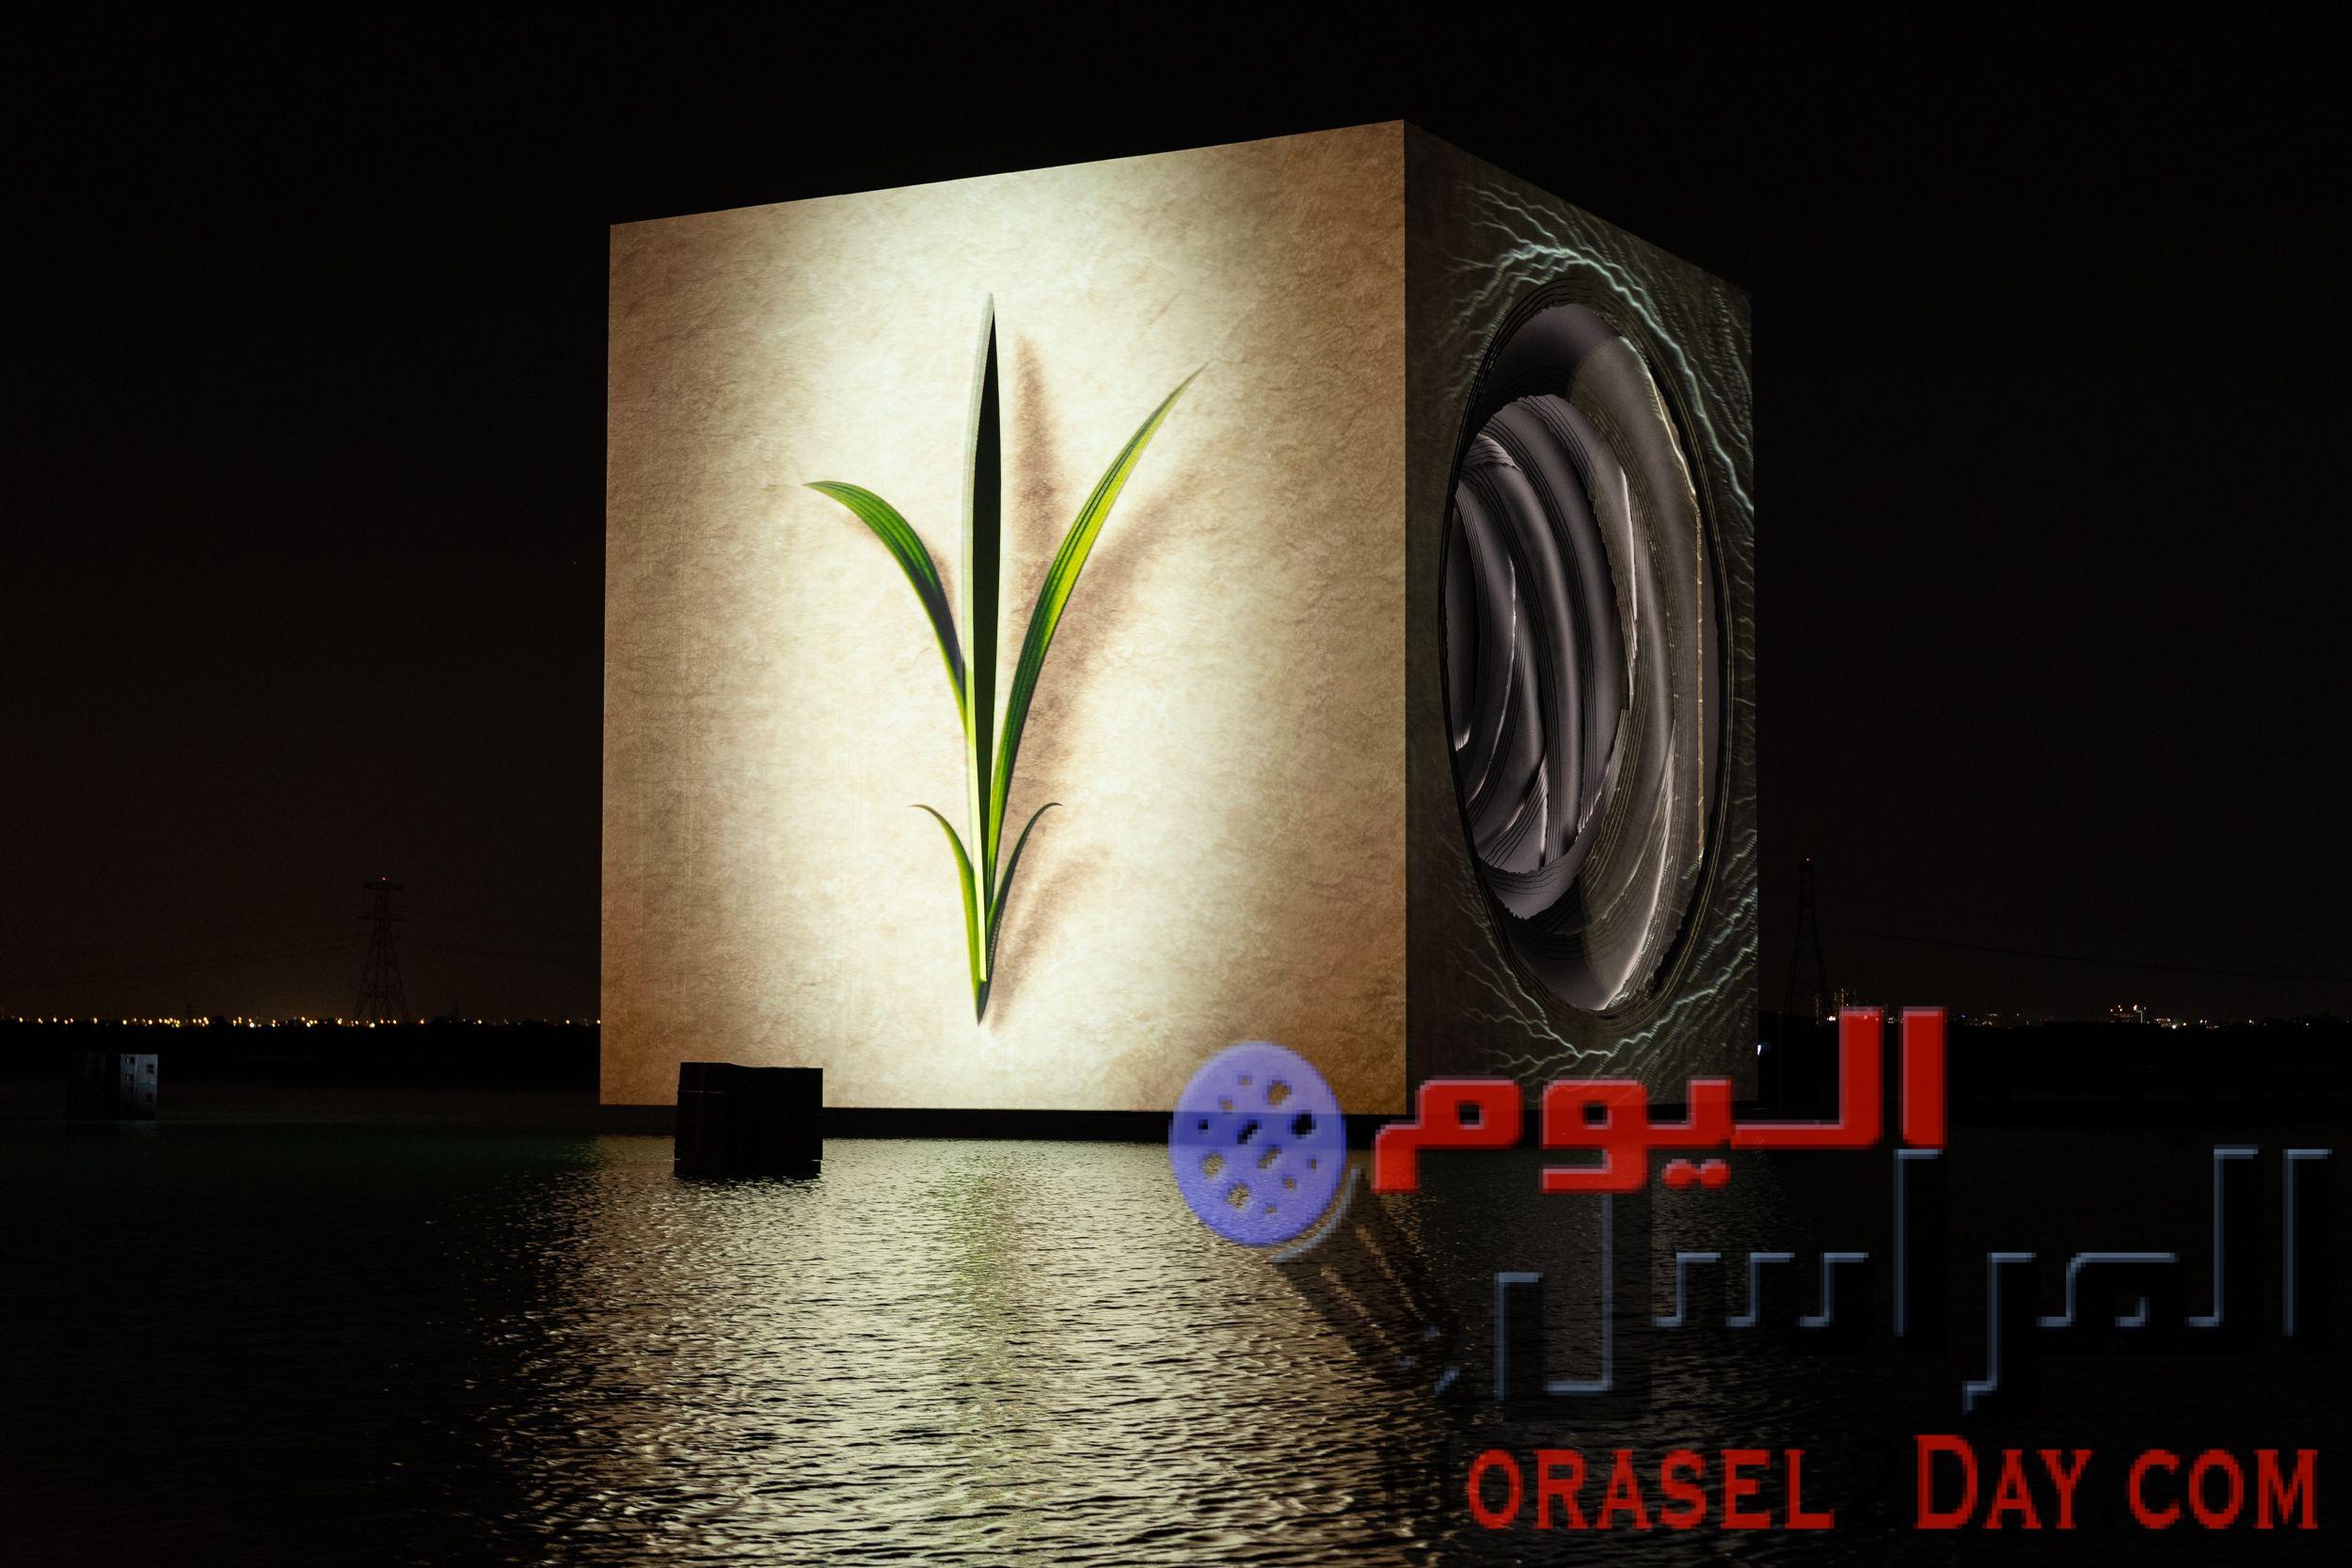 """الجمهور على موعد مع تحفة فنية متحركة مستوحاة من الاحتفال الرسمي باليوم الوطني 49 لدولة الإمارات بعنوان """"المنبت"""""""